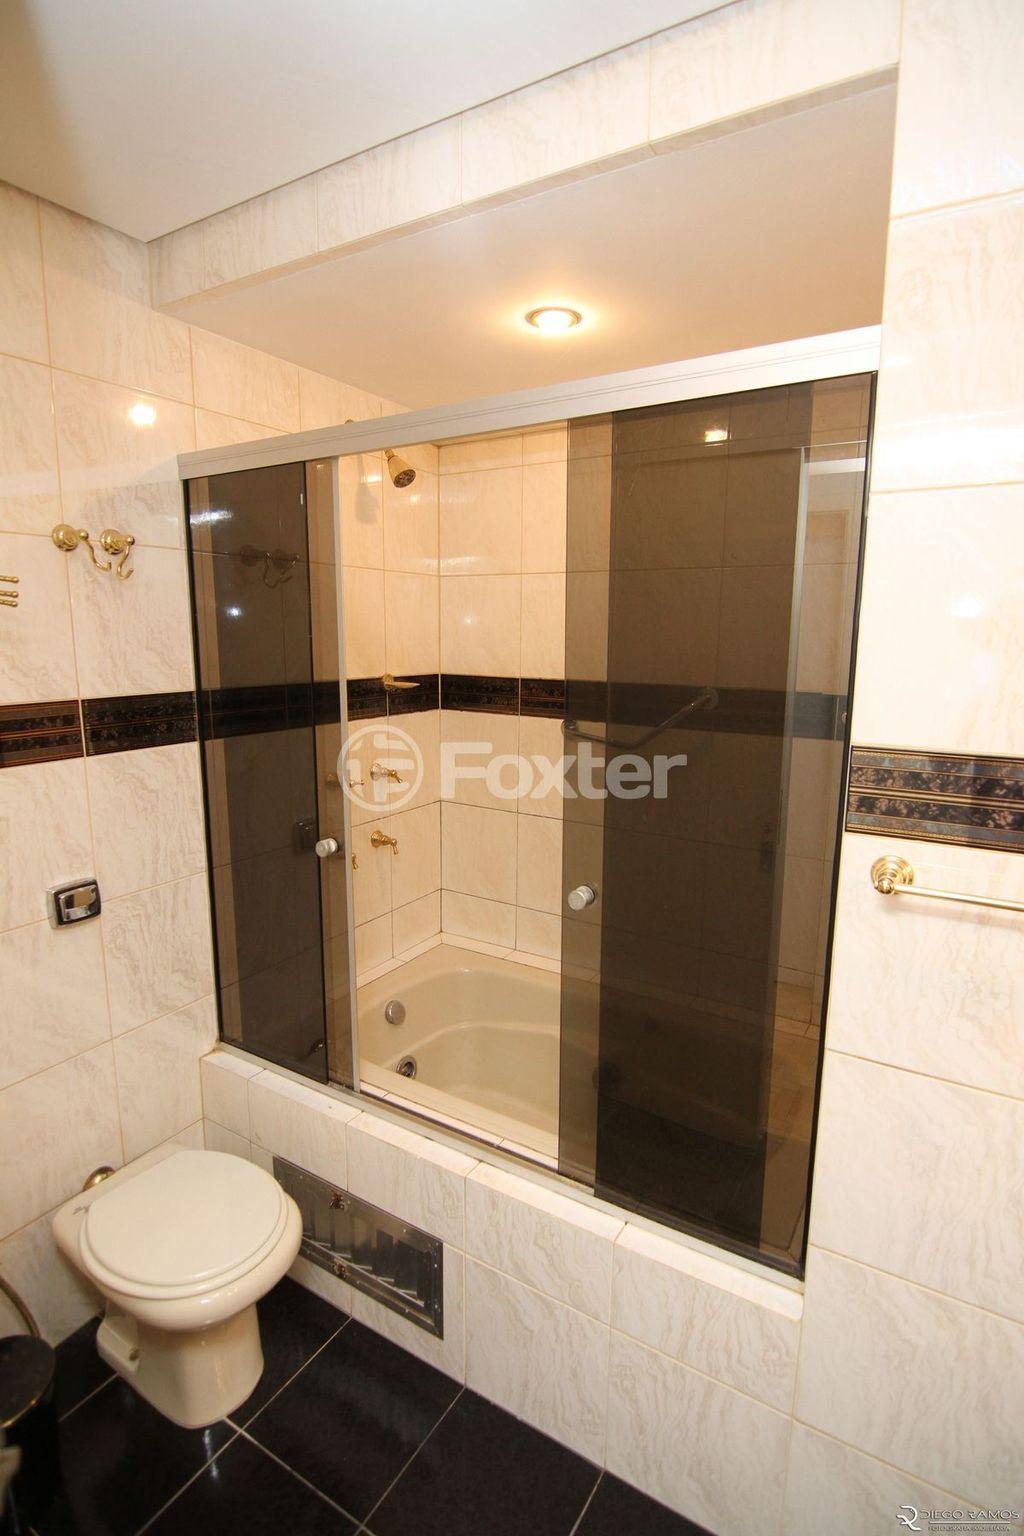 Foxter Imobiliária - Apto 3 Dorm, Centro Histórico - Foto 11